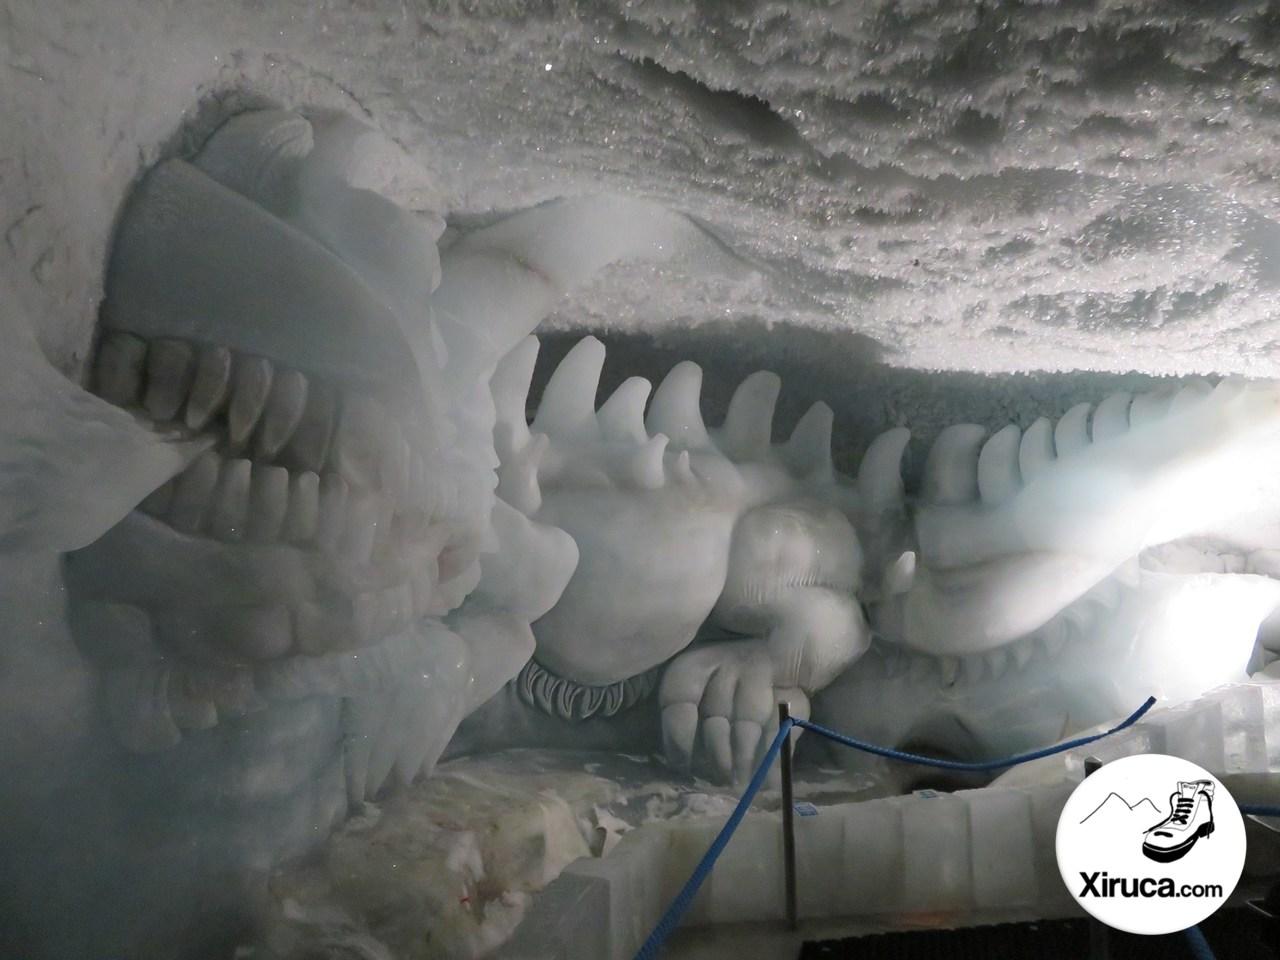 Dragón en el Pavillon de glace Mittelallalin